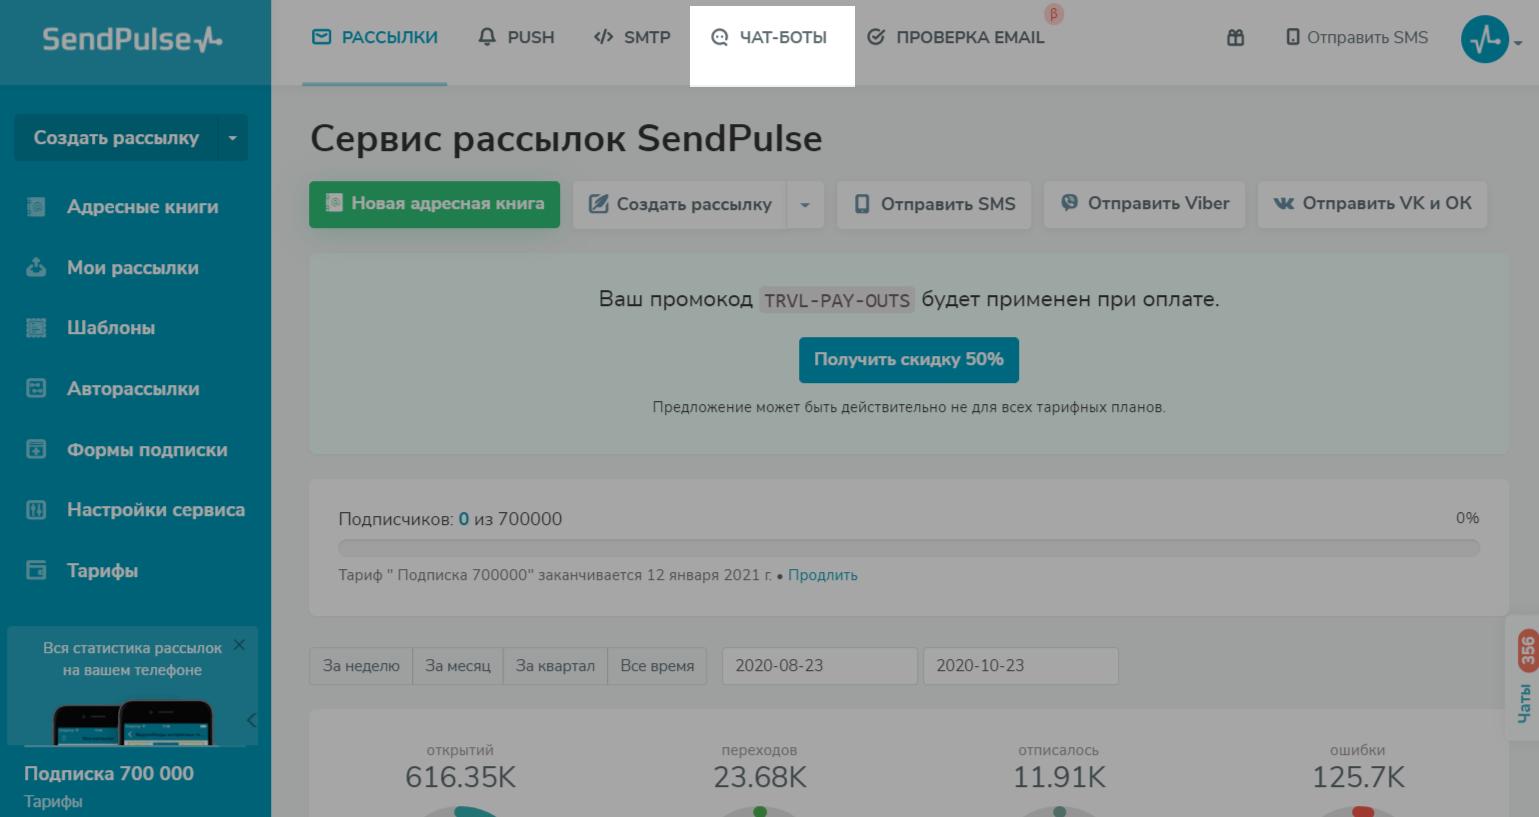 Раздел «Чат-боты» в SendPulse